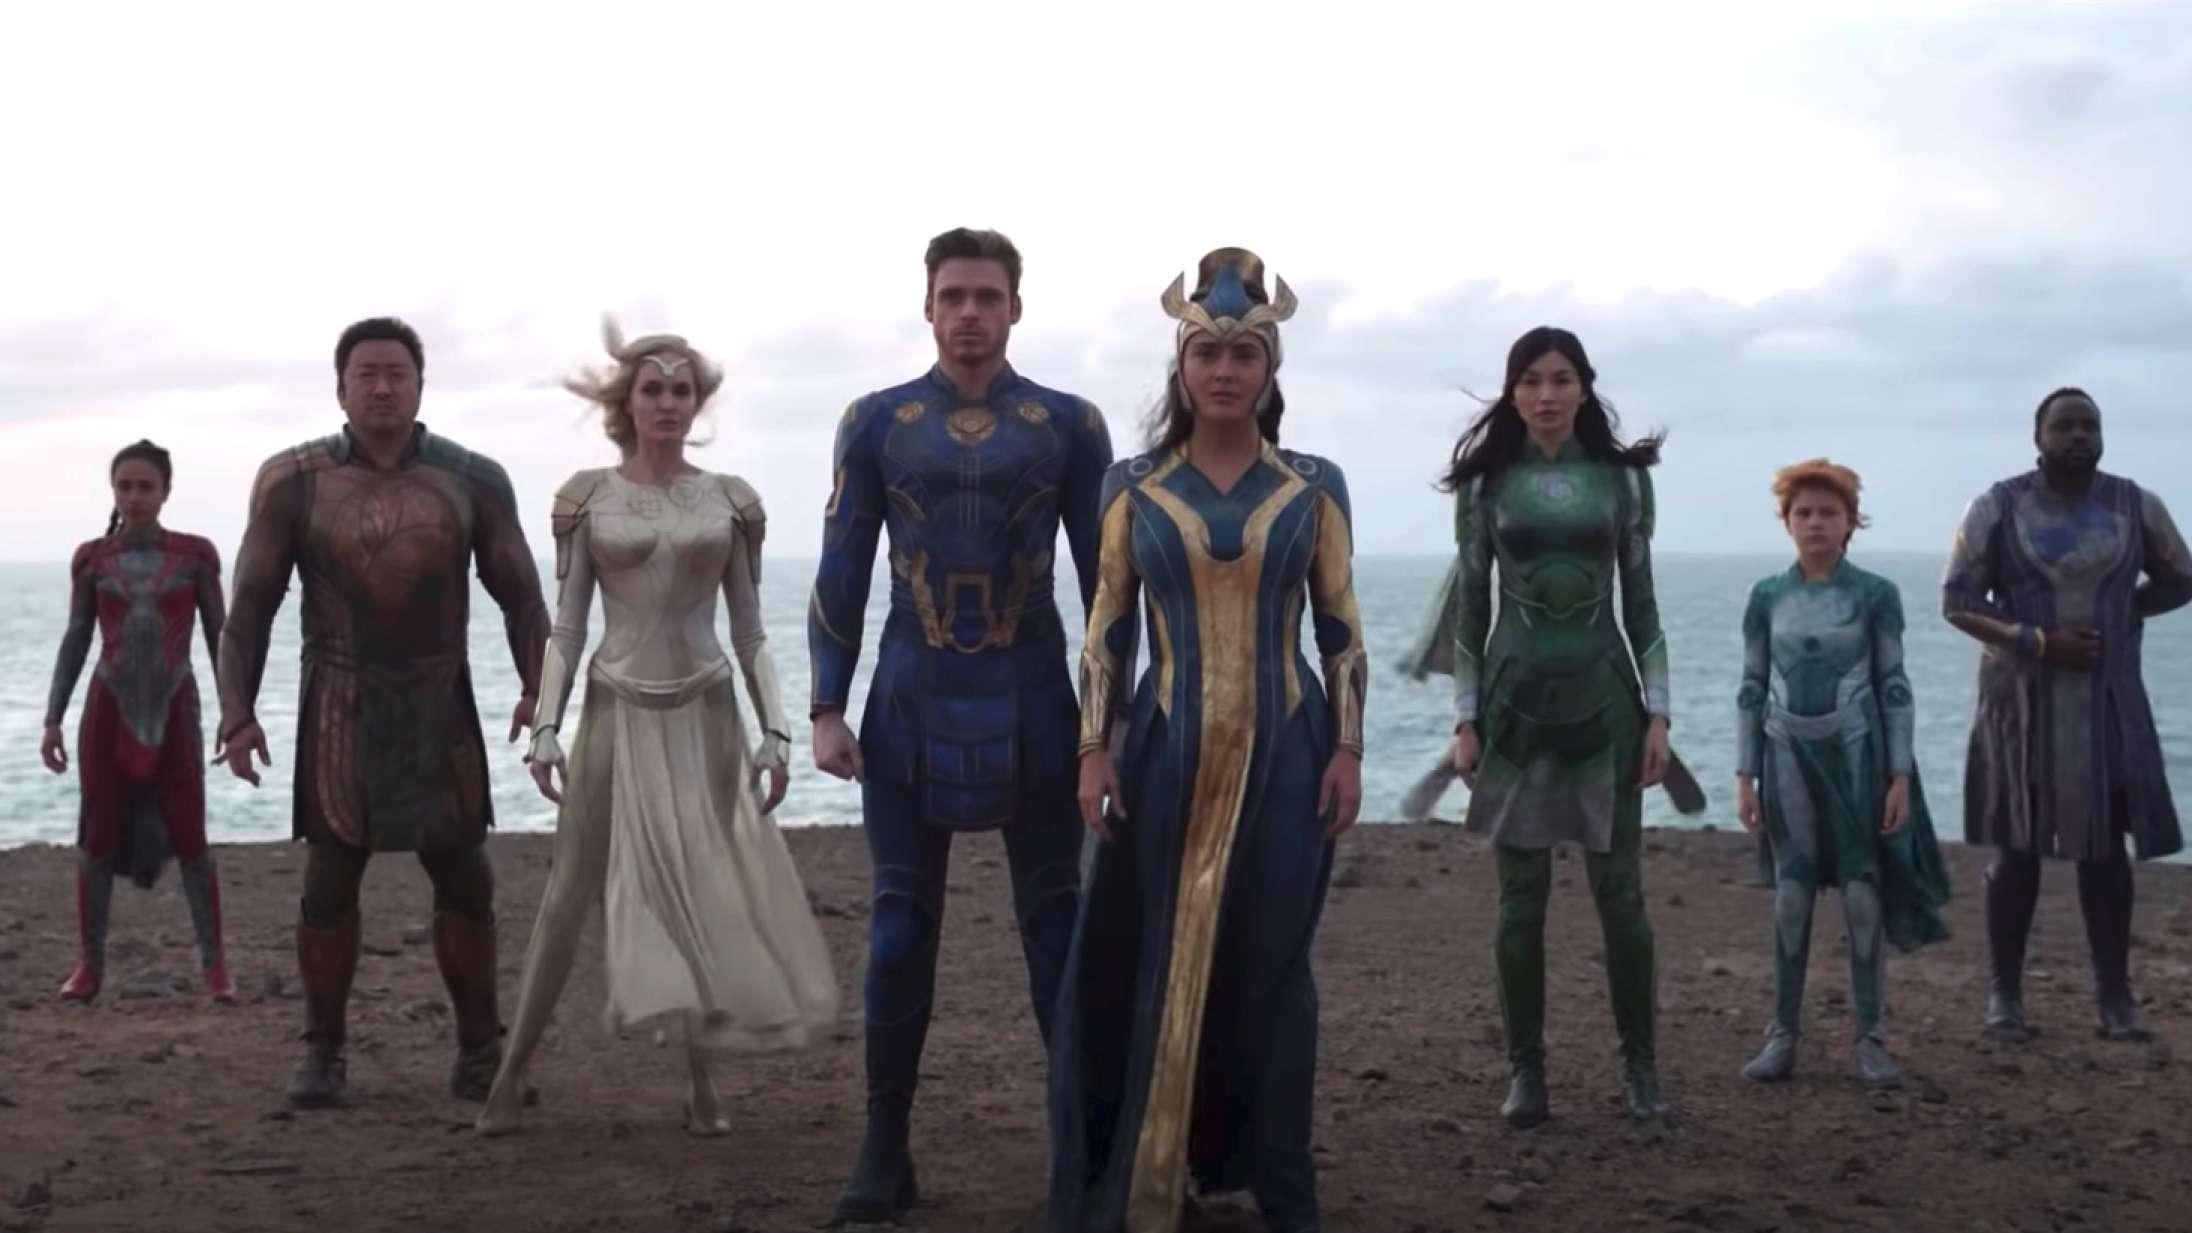 Se første trailer til Oscar-vinders ventede Marvel-film 'Eternals'